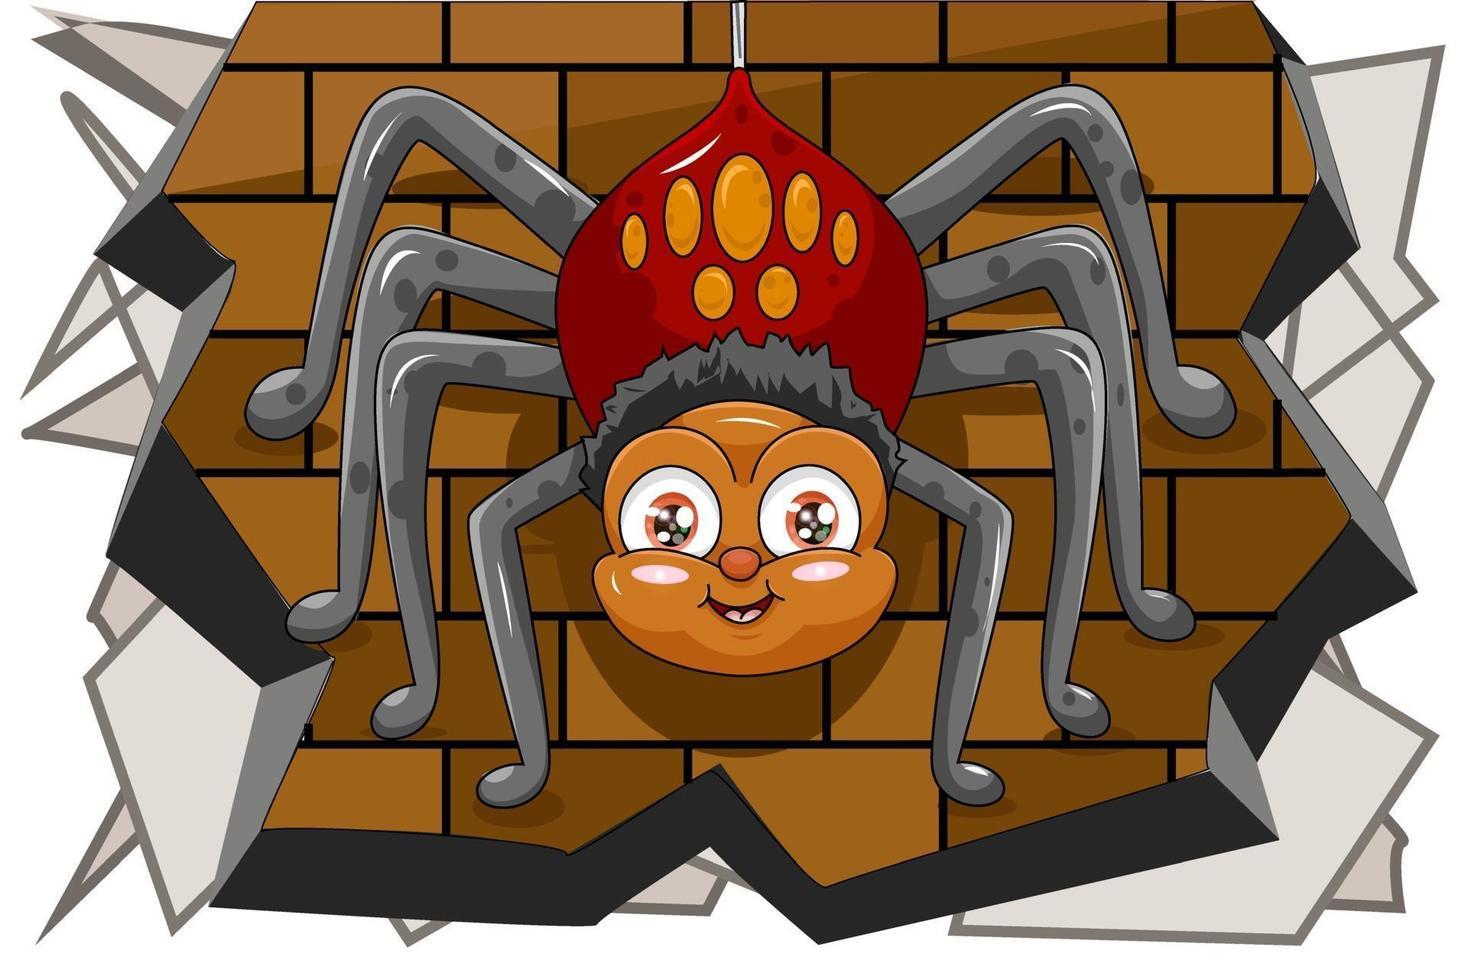 uma aranha macho fofa pendurada na parede, desenho animal cartoon ilustração vetorial vetor